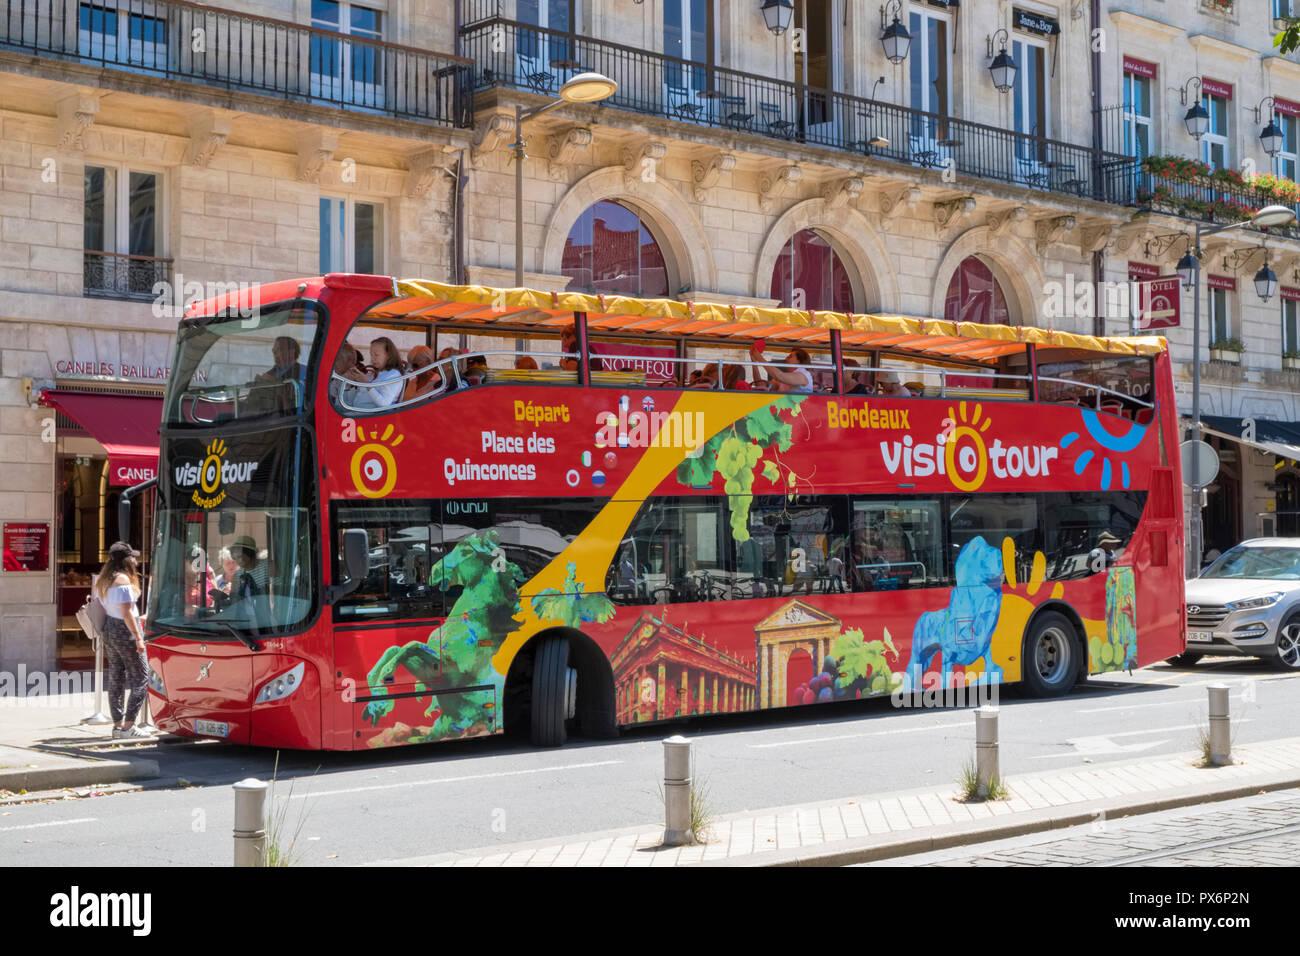 El autobús de recorrido turístico en Bordeaux, Francia, Europa Imagen De Stock